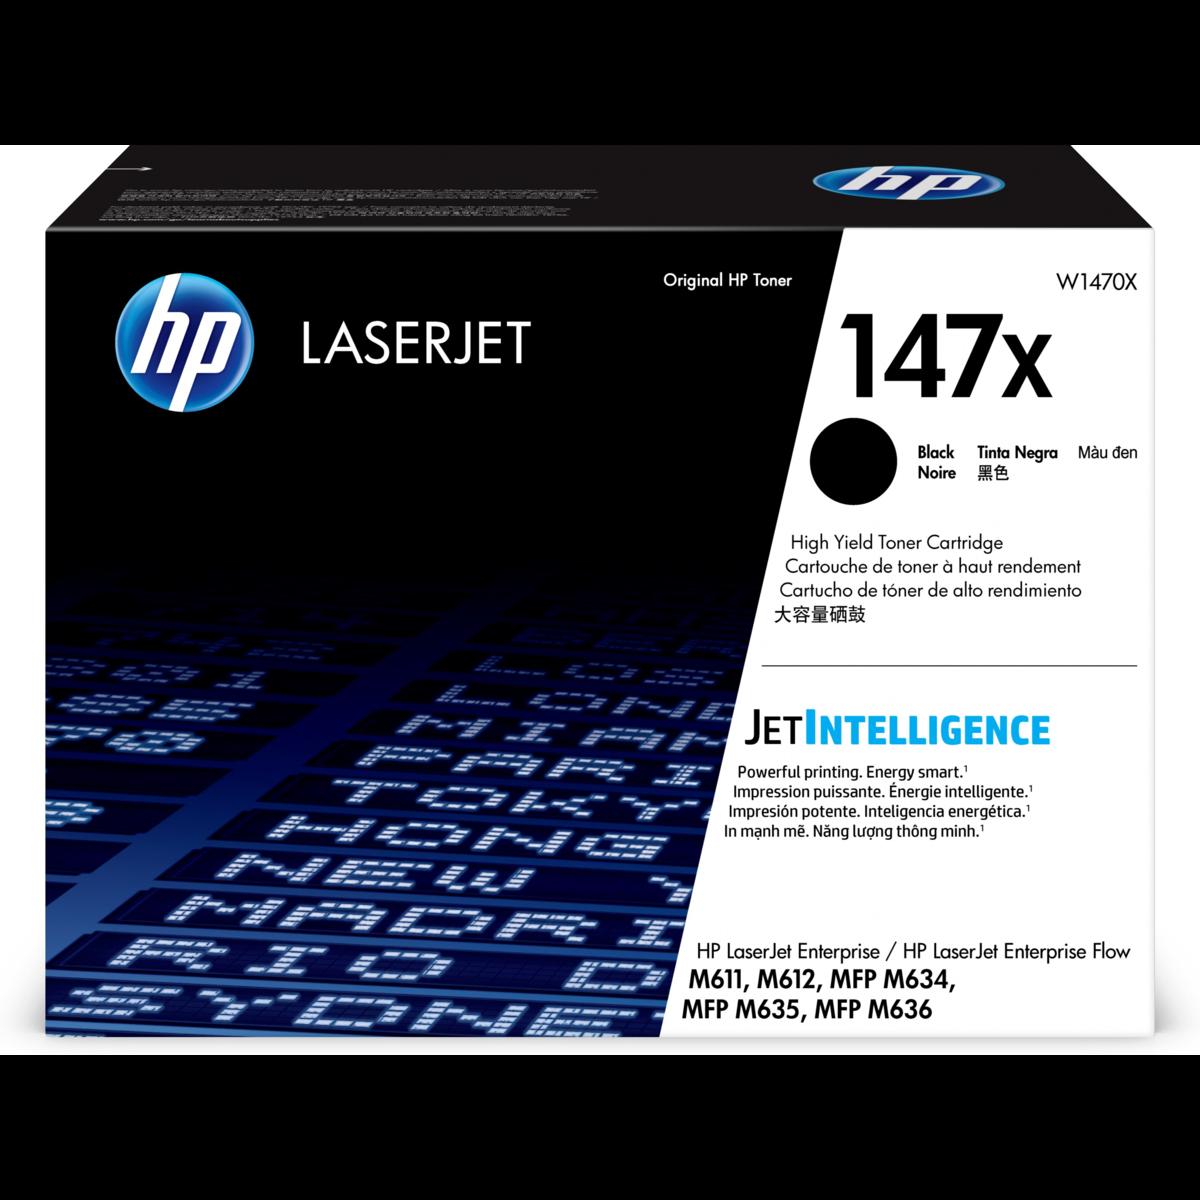 Toner HP 147X, HP W1470X - originálny (Čierny)